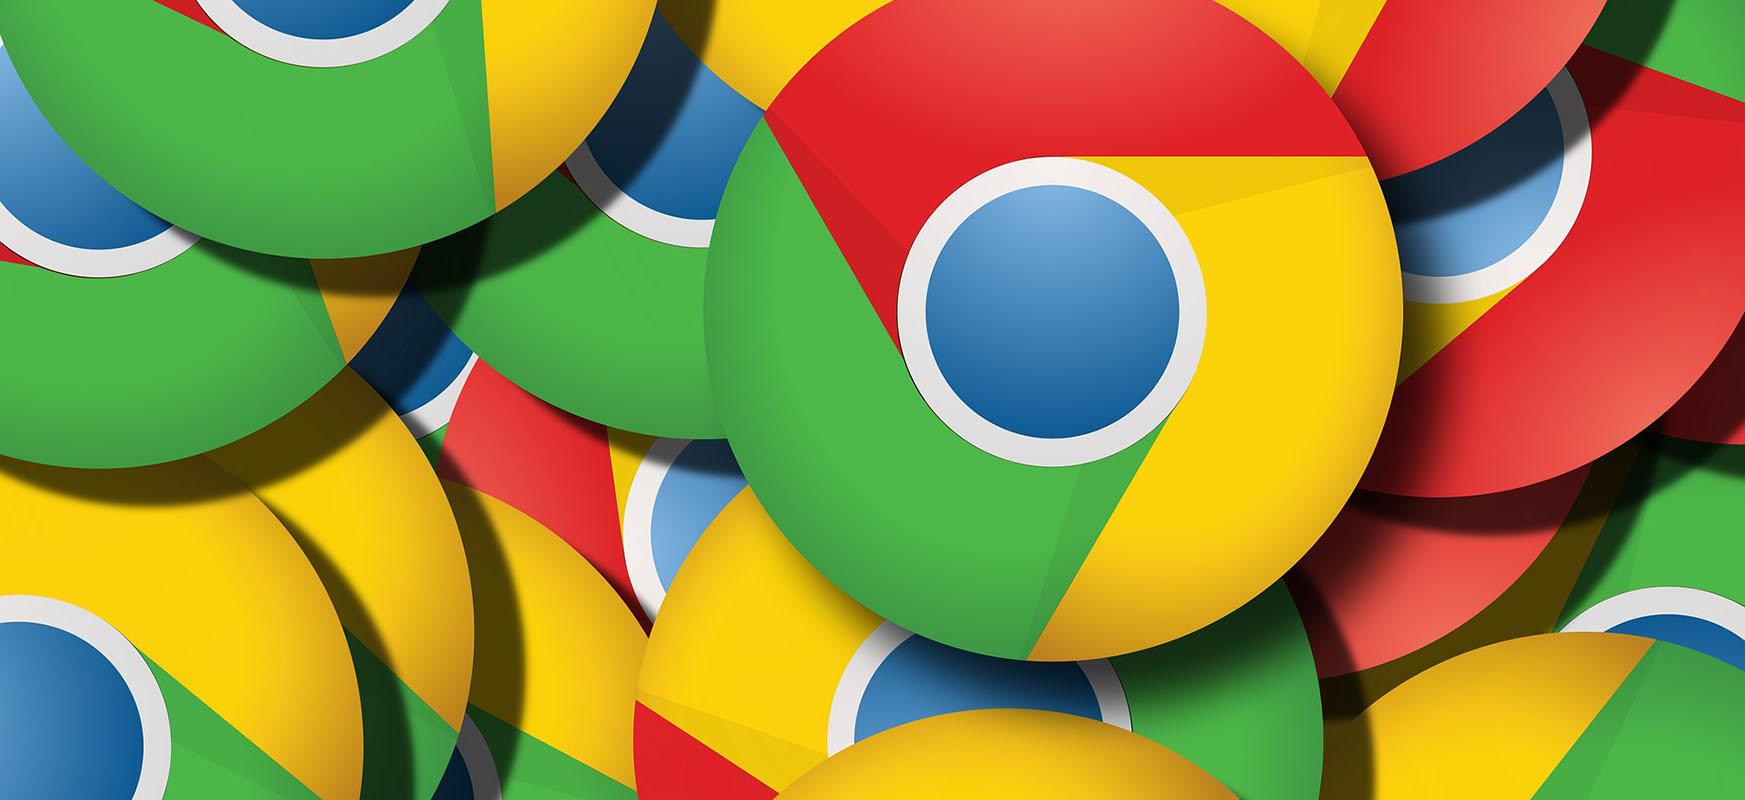 Chrome-k ez die iragarkiei gure ordenagailu eta smartphoneak isilaraziko